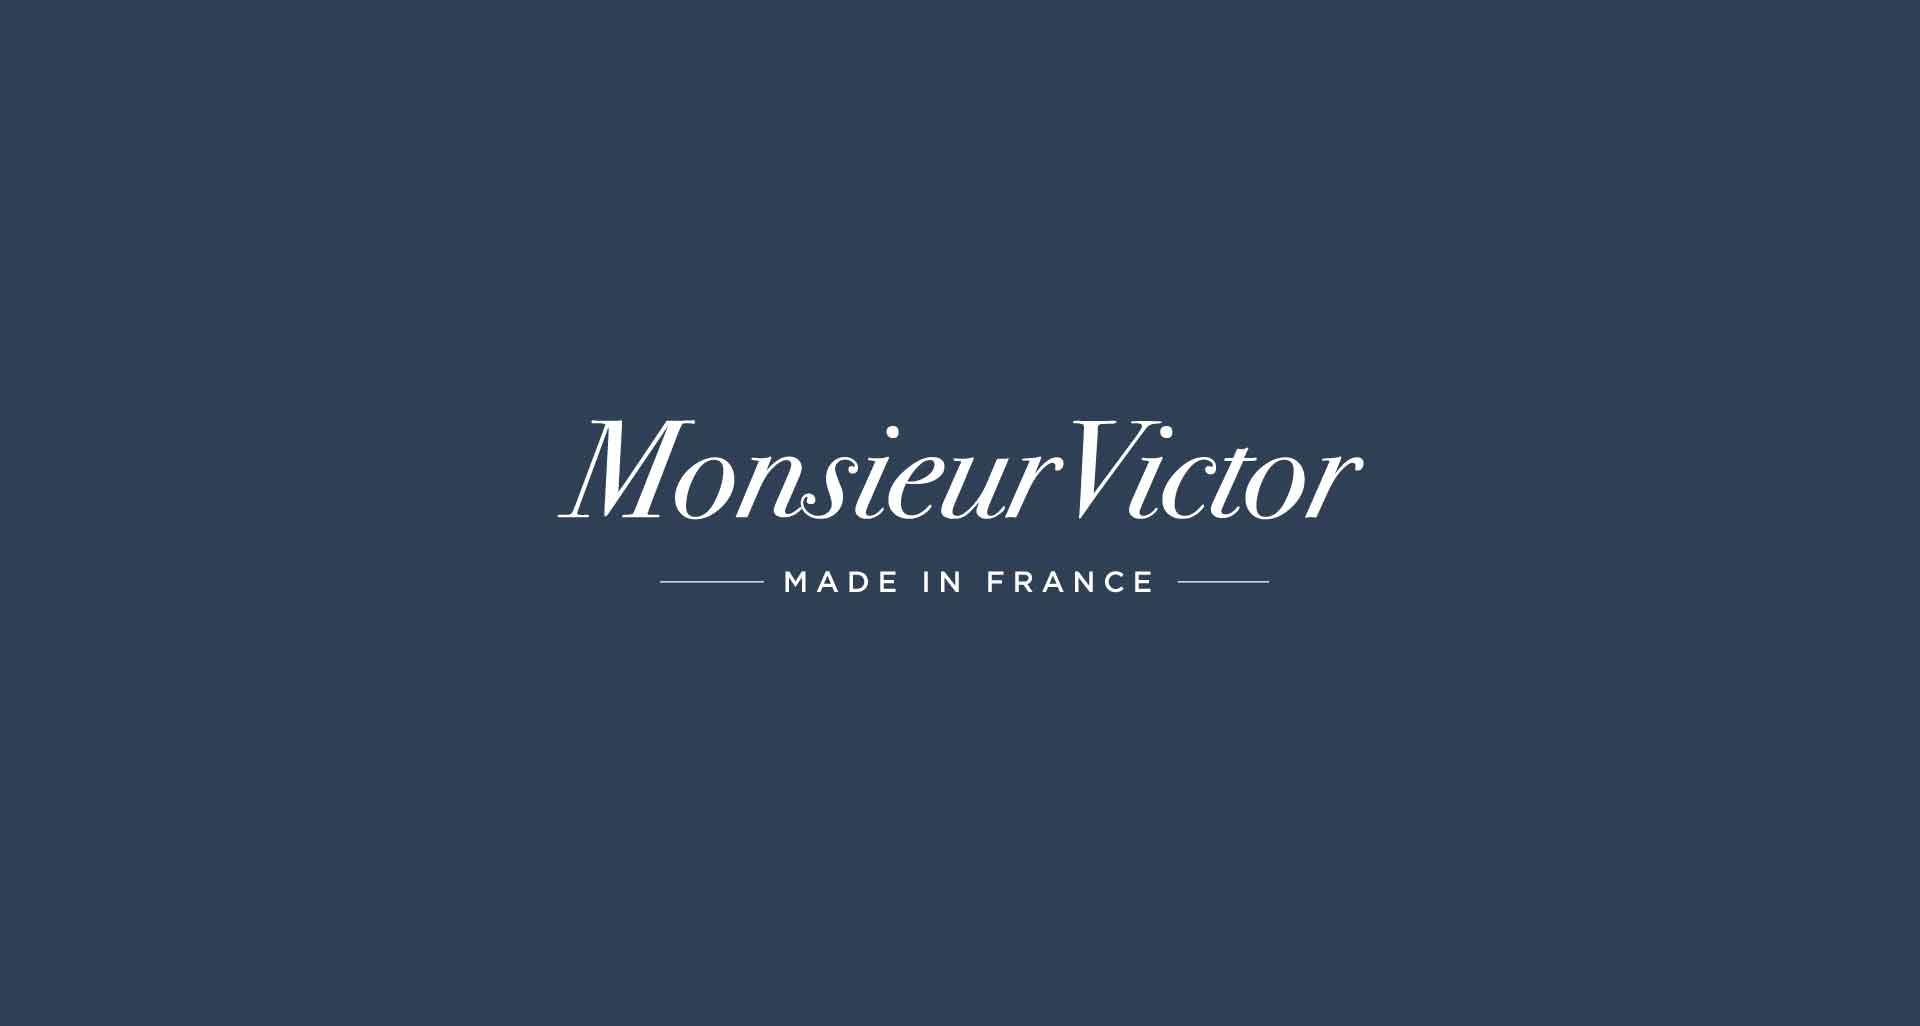 Projet pourMr Victor par l'agence Cassian